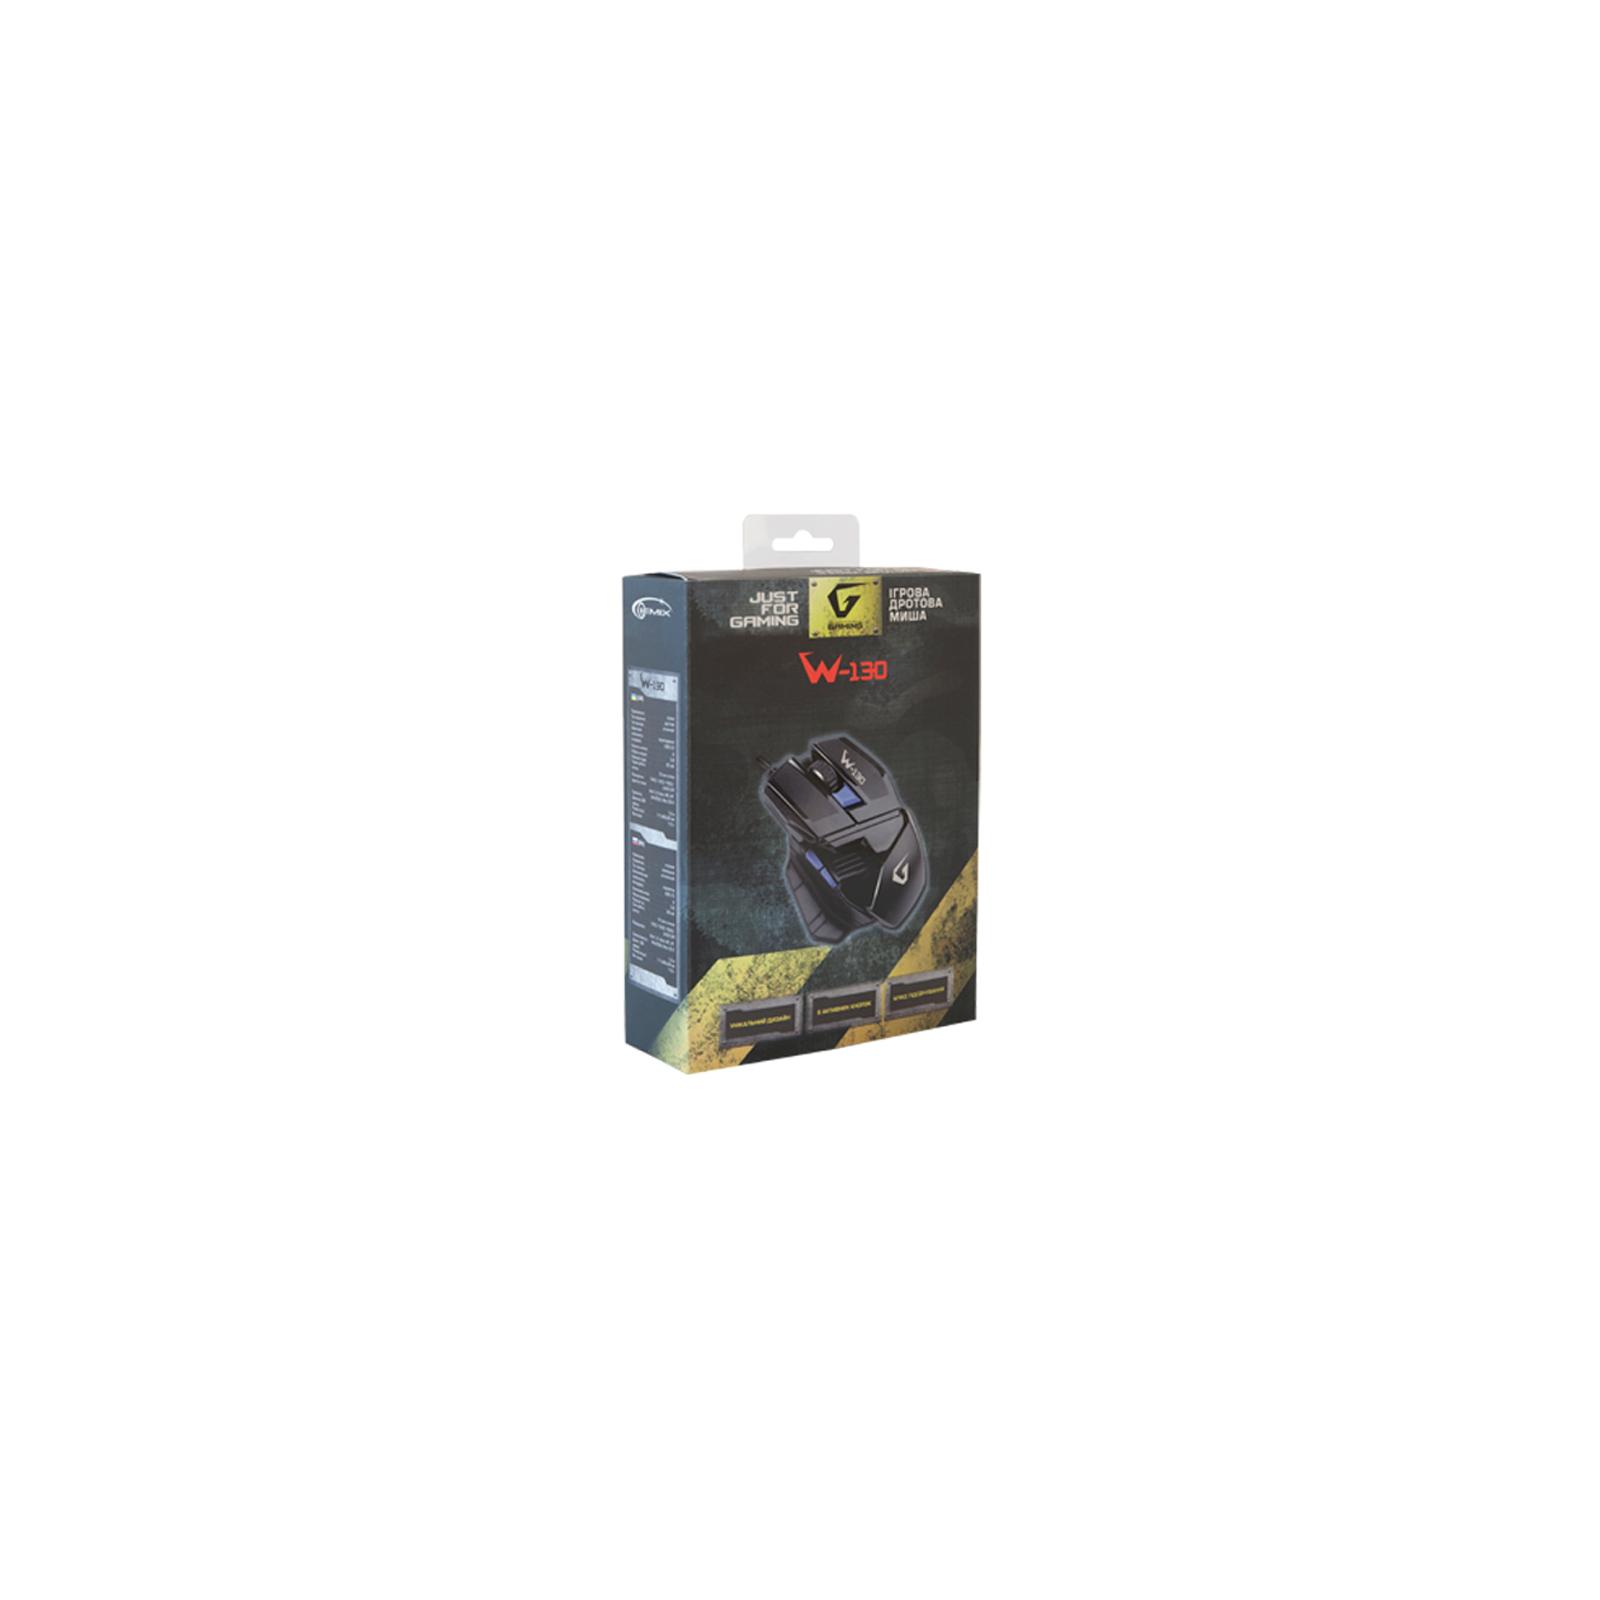 Мышка GEMIX W130 изображение 8